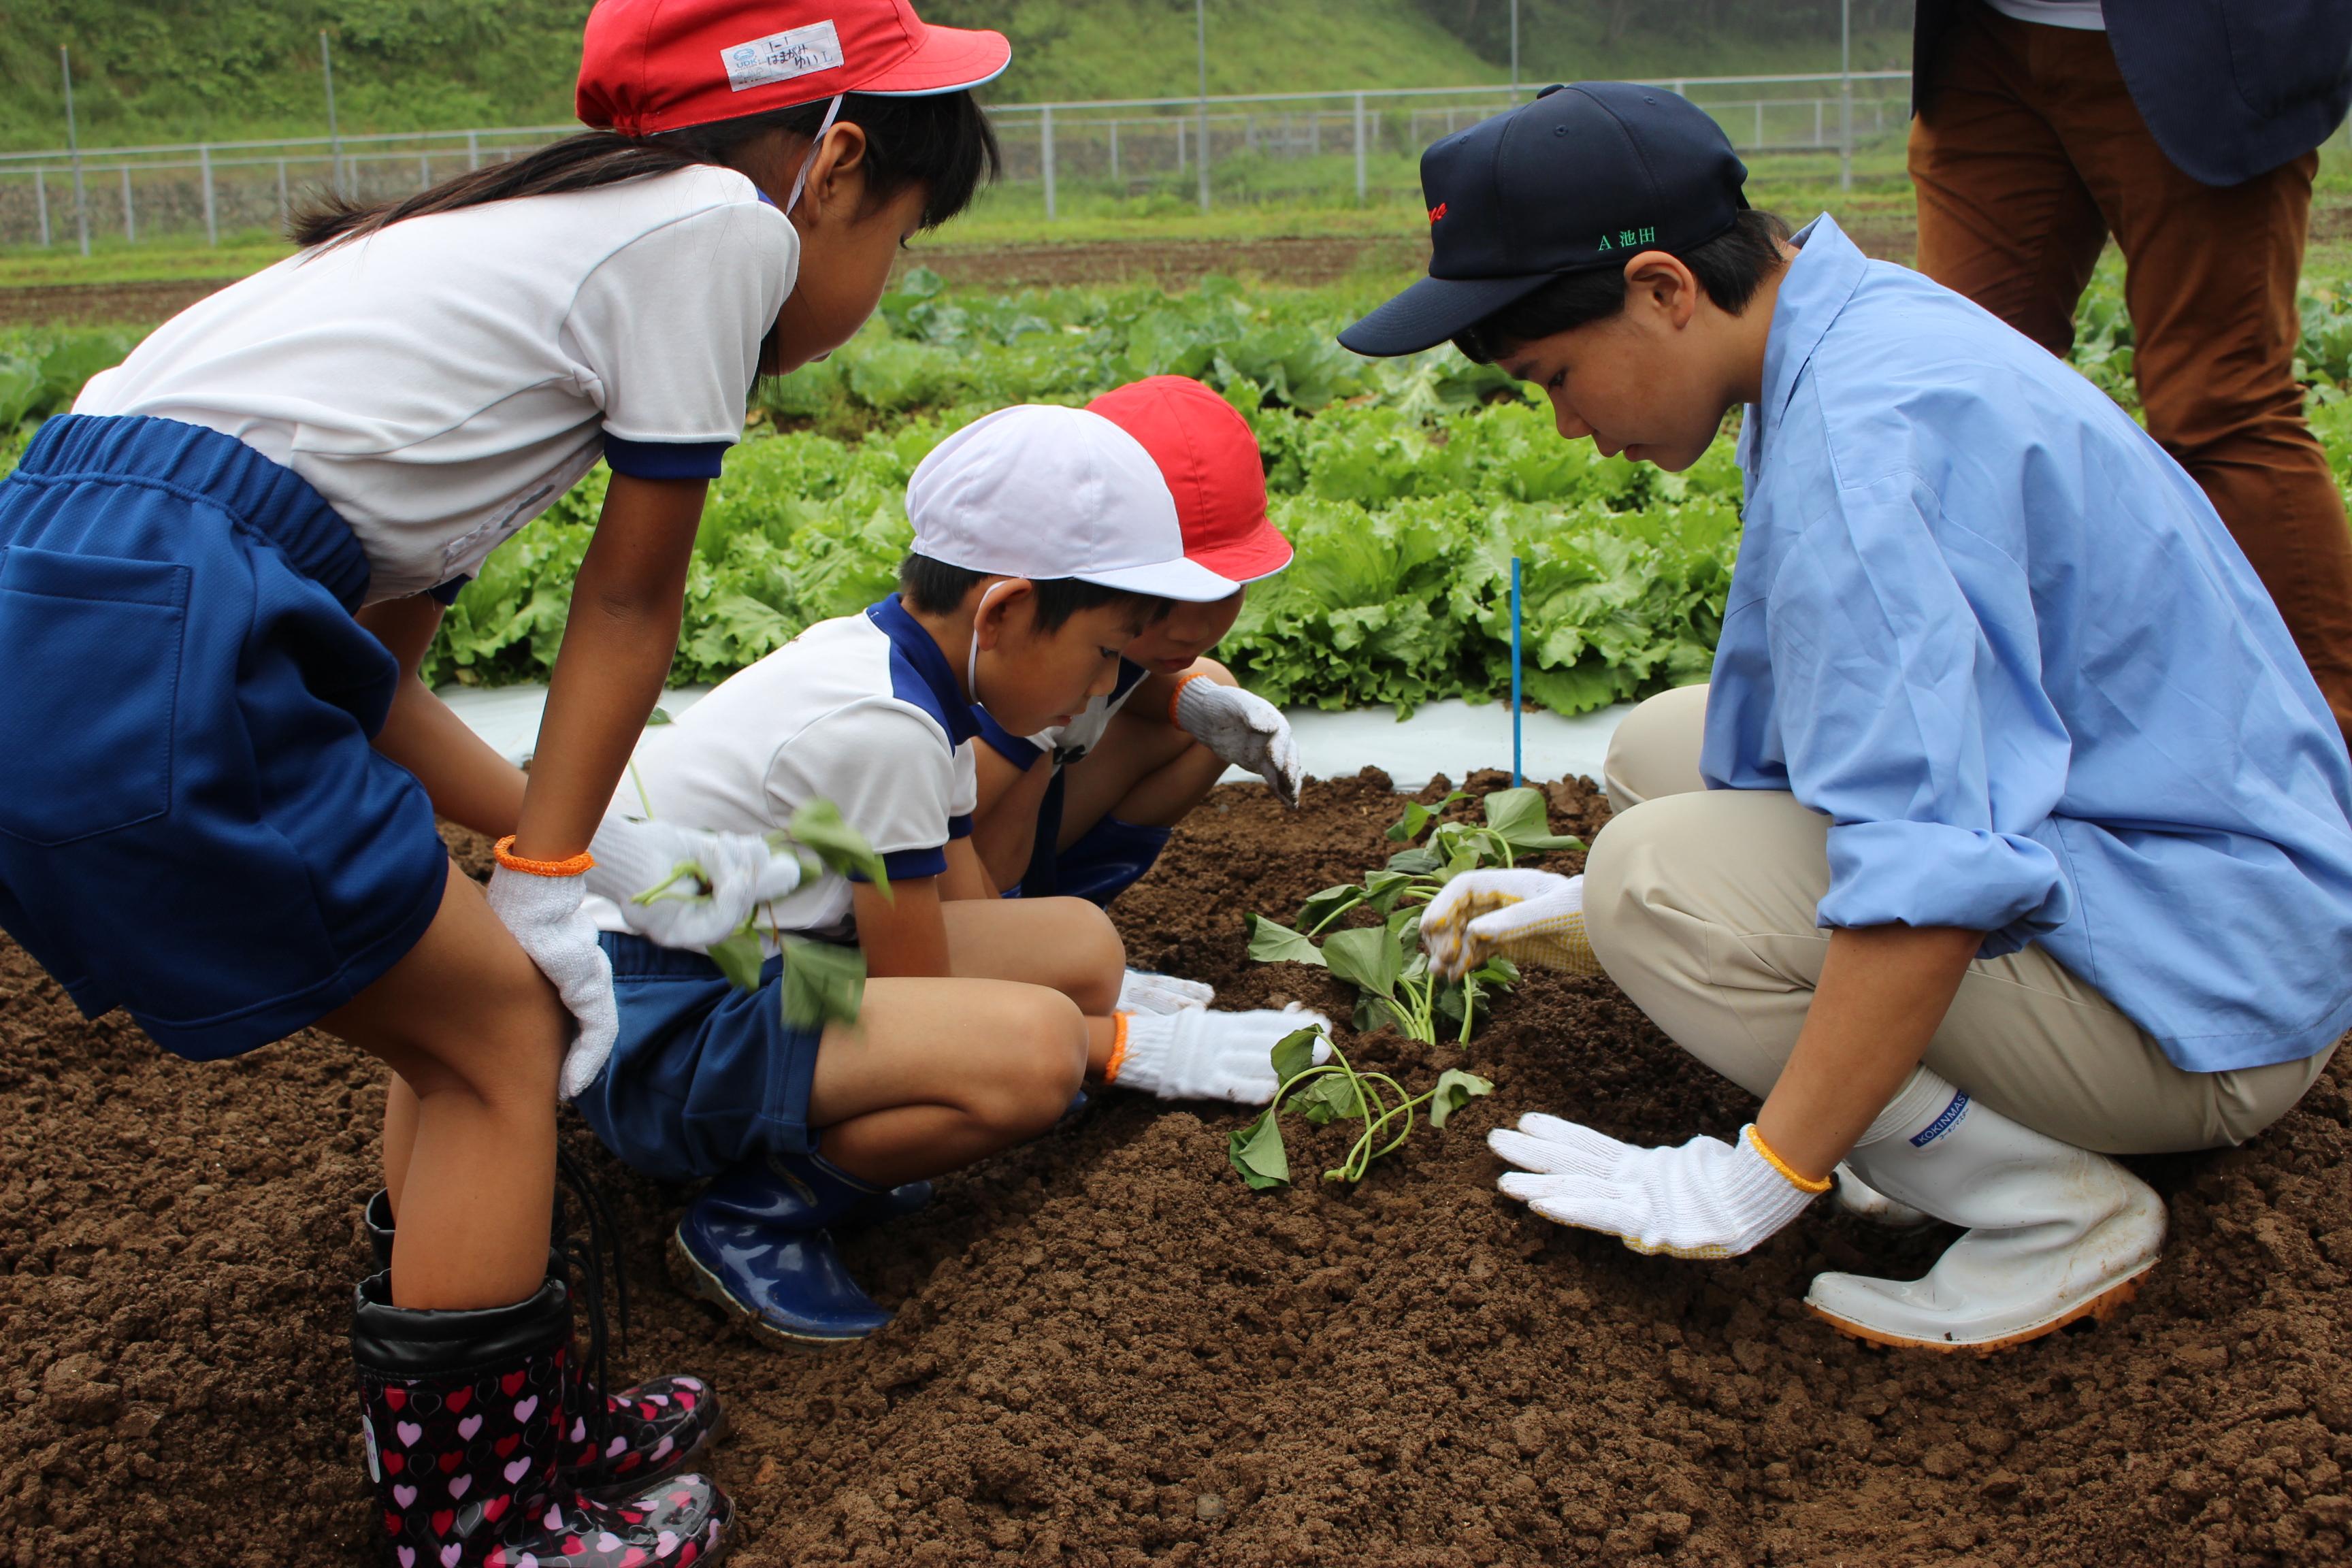 児童へ苗植えの説明を行う農高生